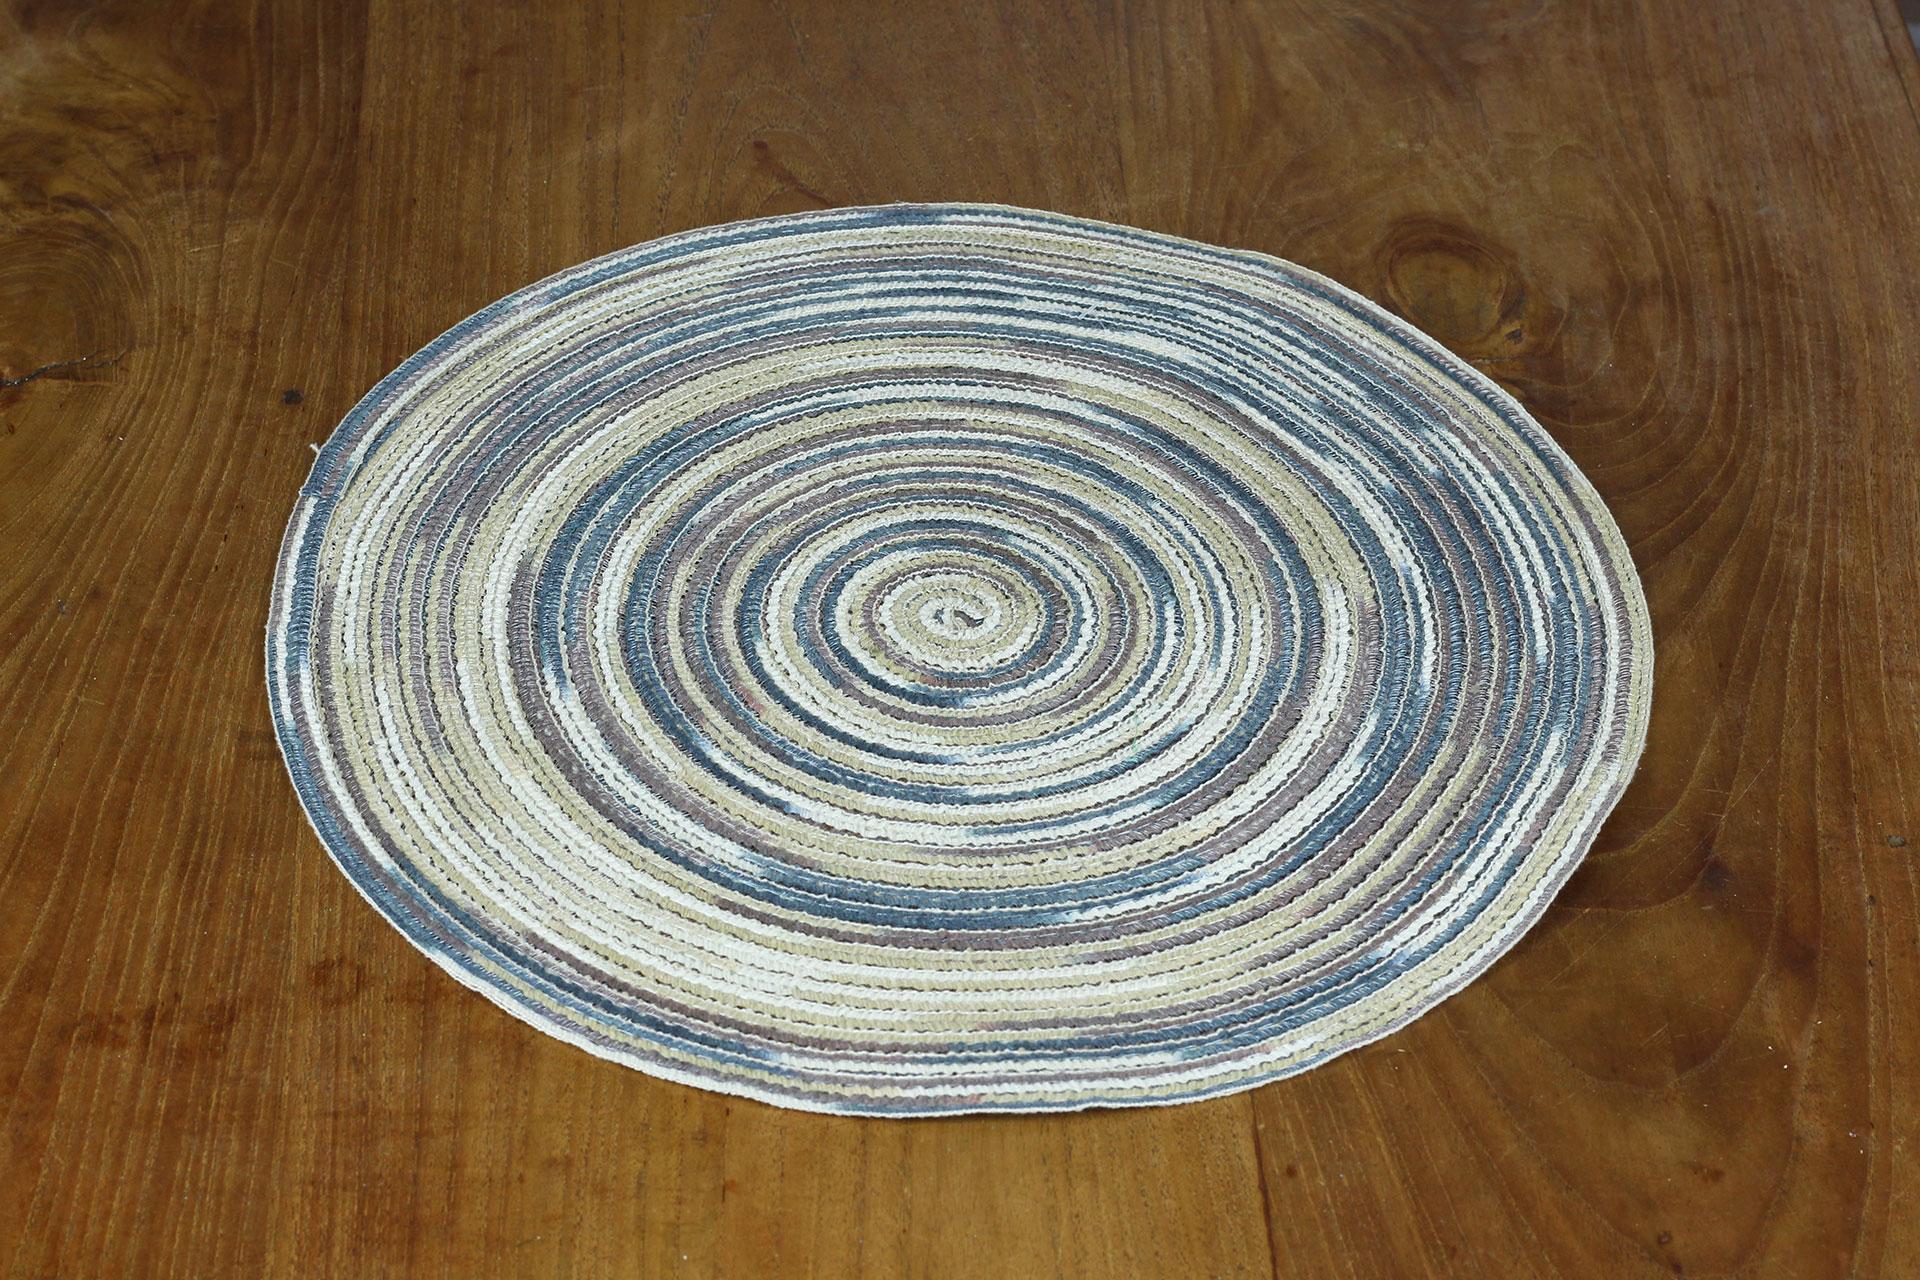 tischset-spirale